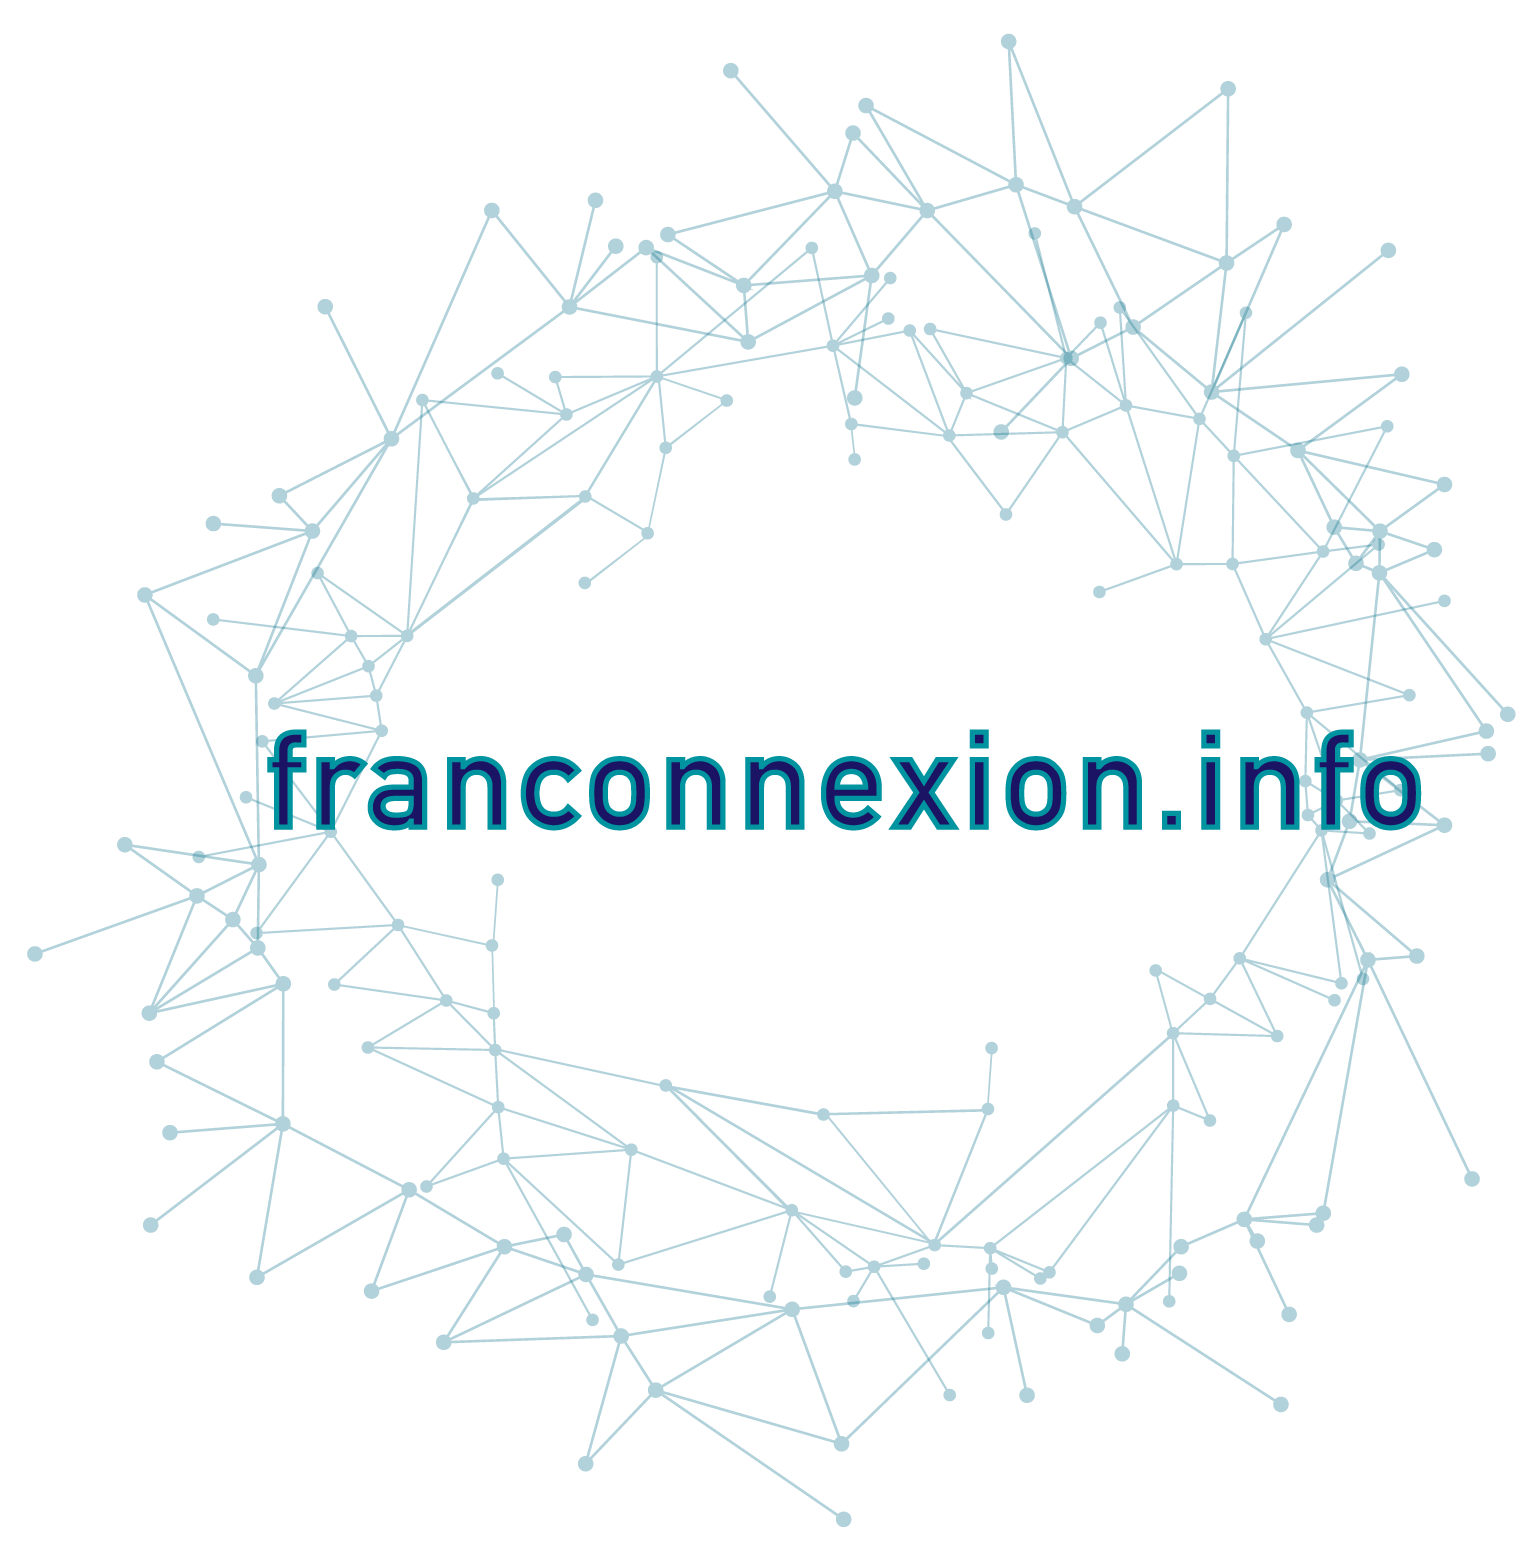 logofranconnexionV2.png